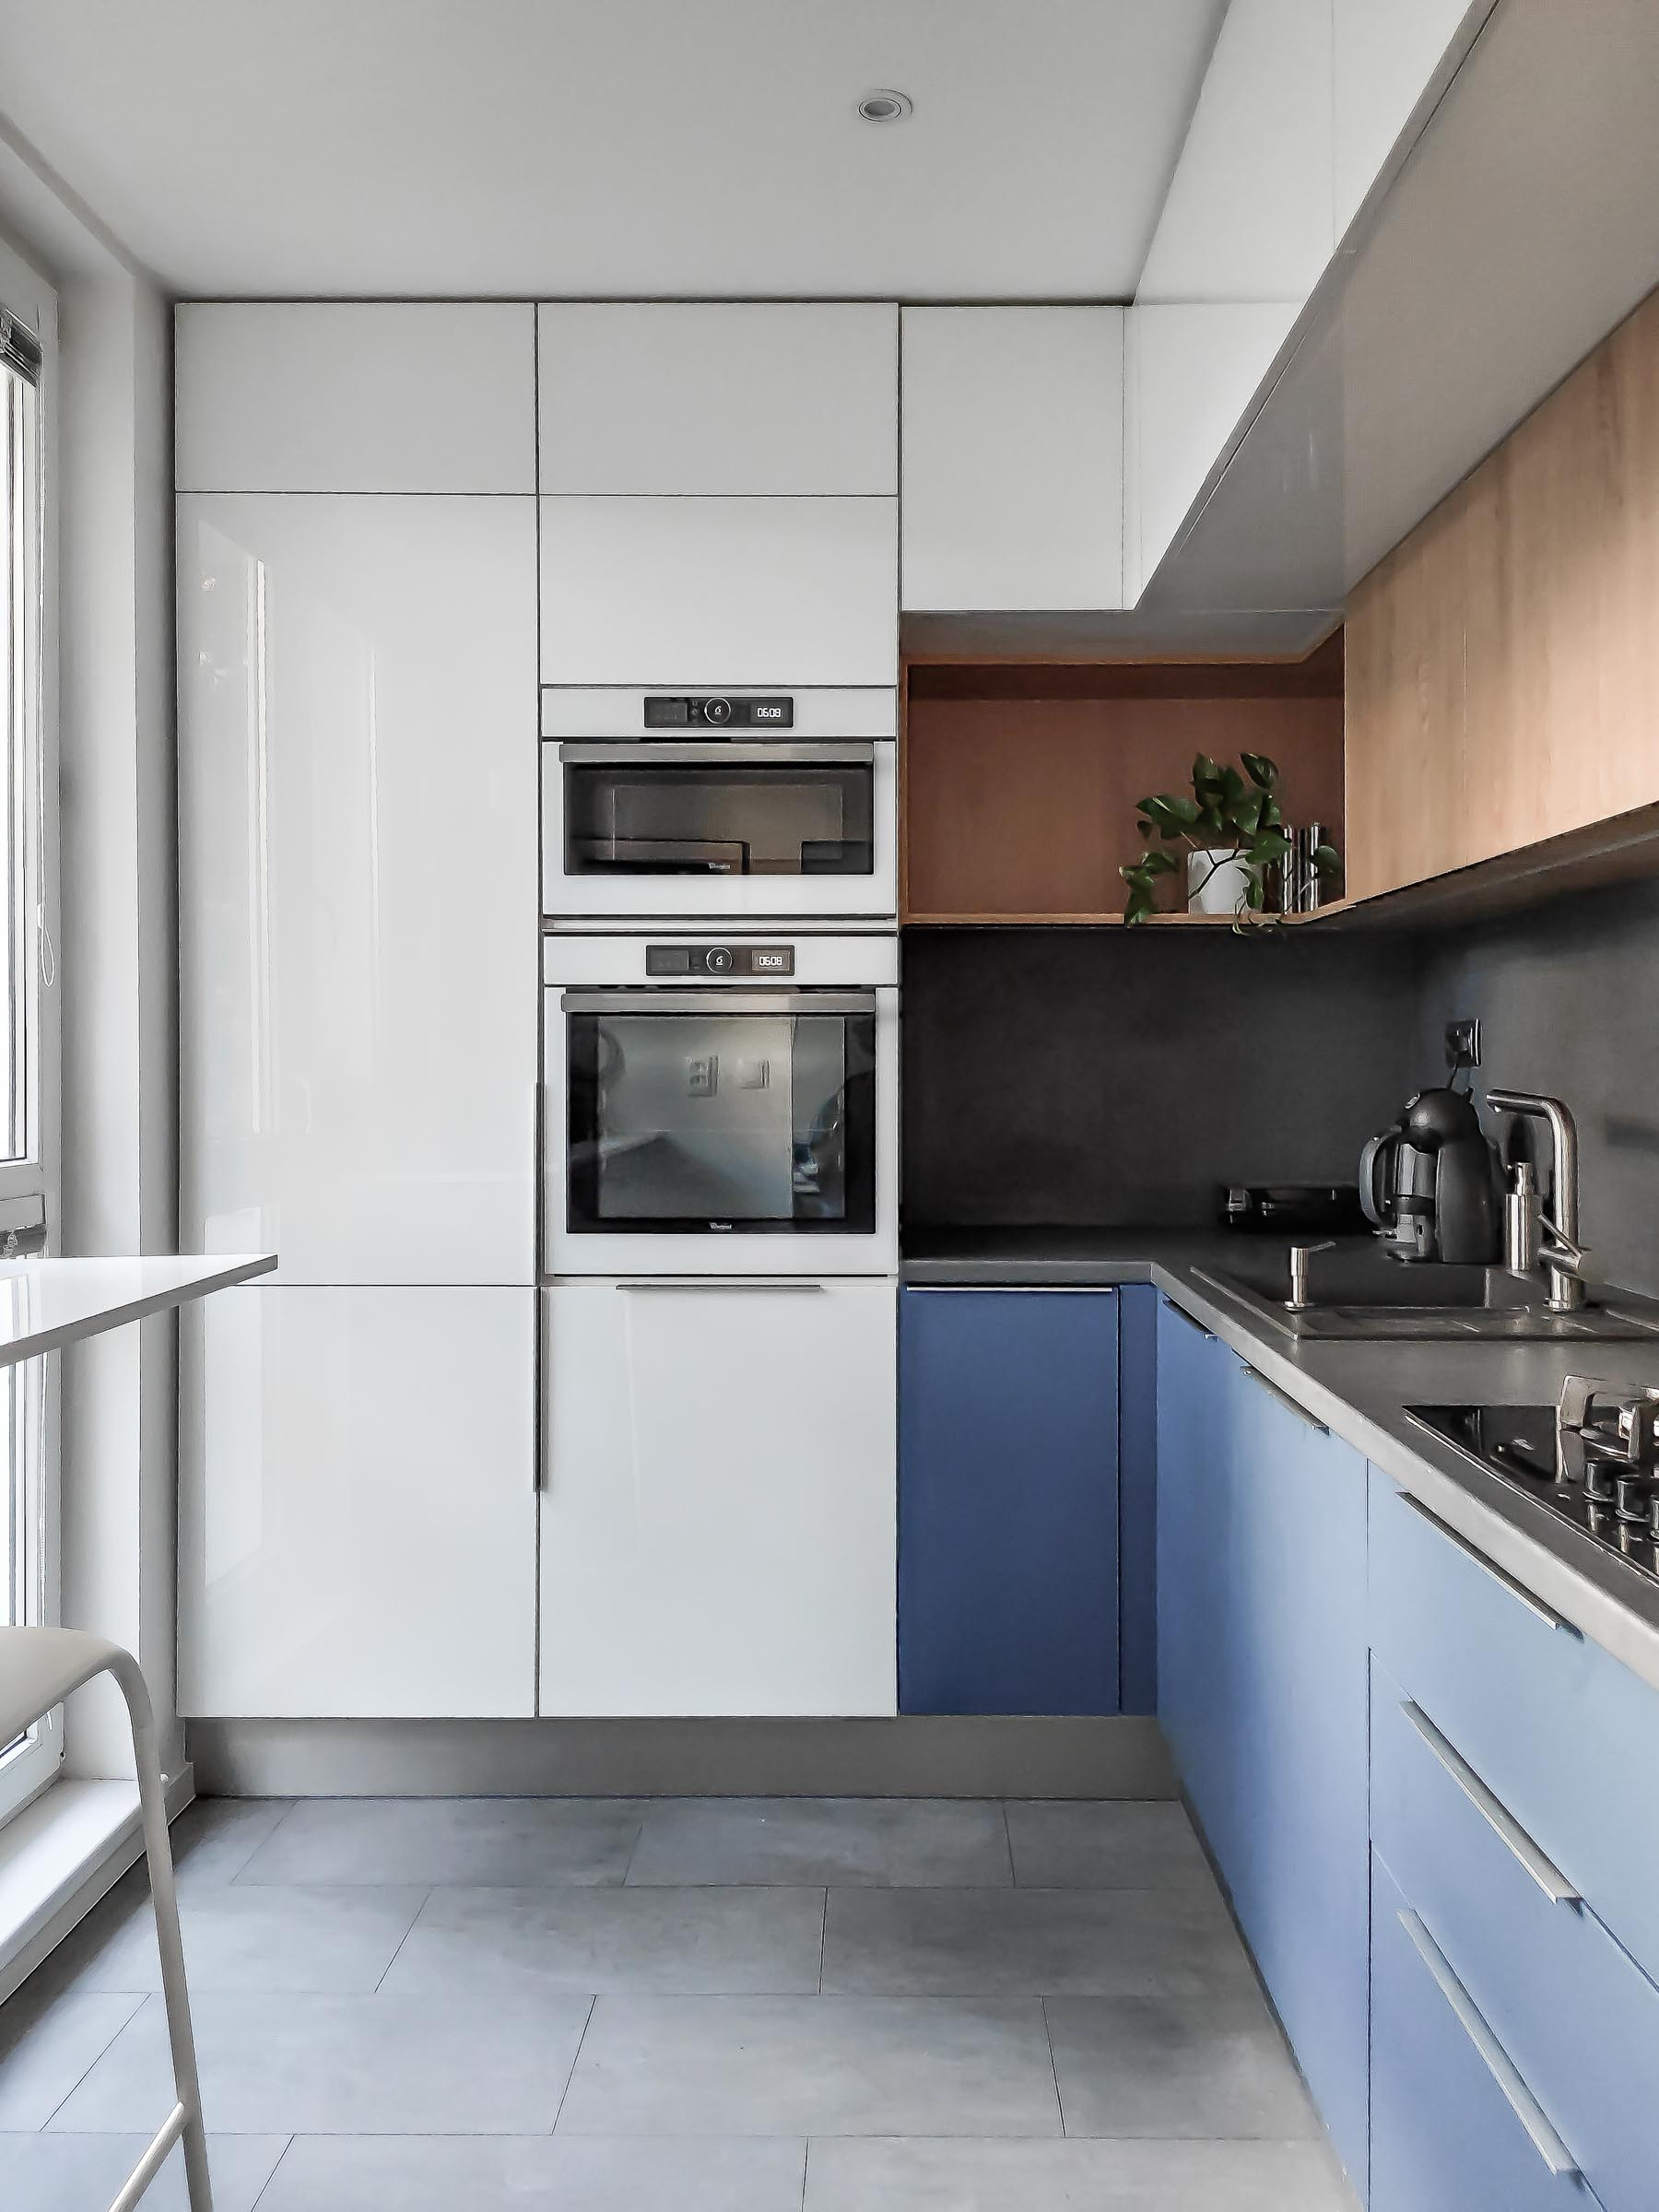 Rekonstrukcia bytu, Ruzinov, kuchyna, VAUarchitects